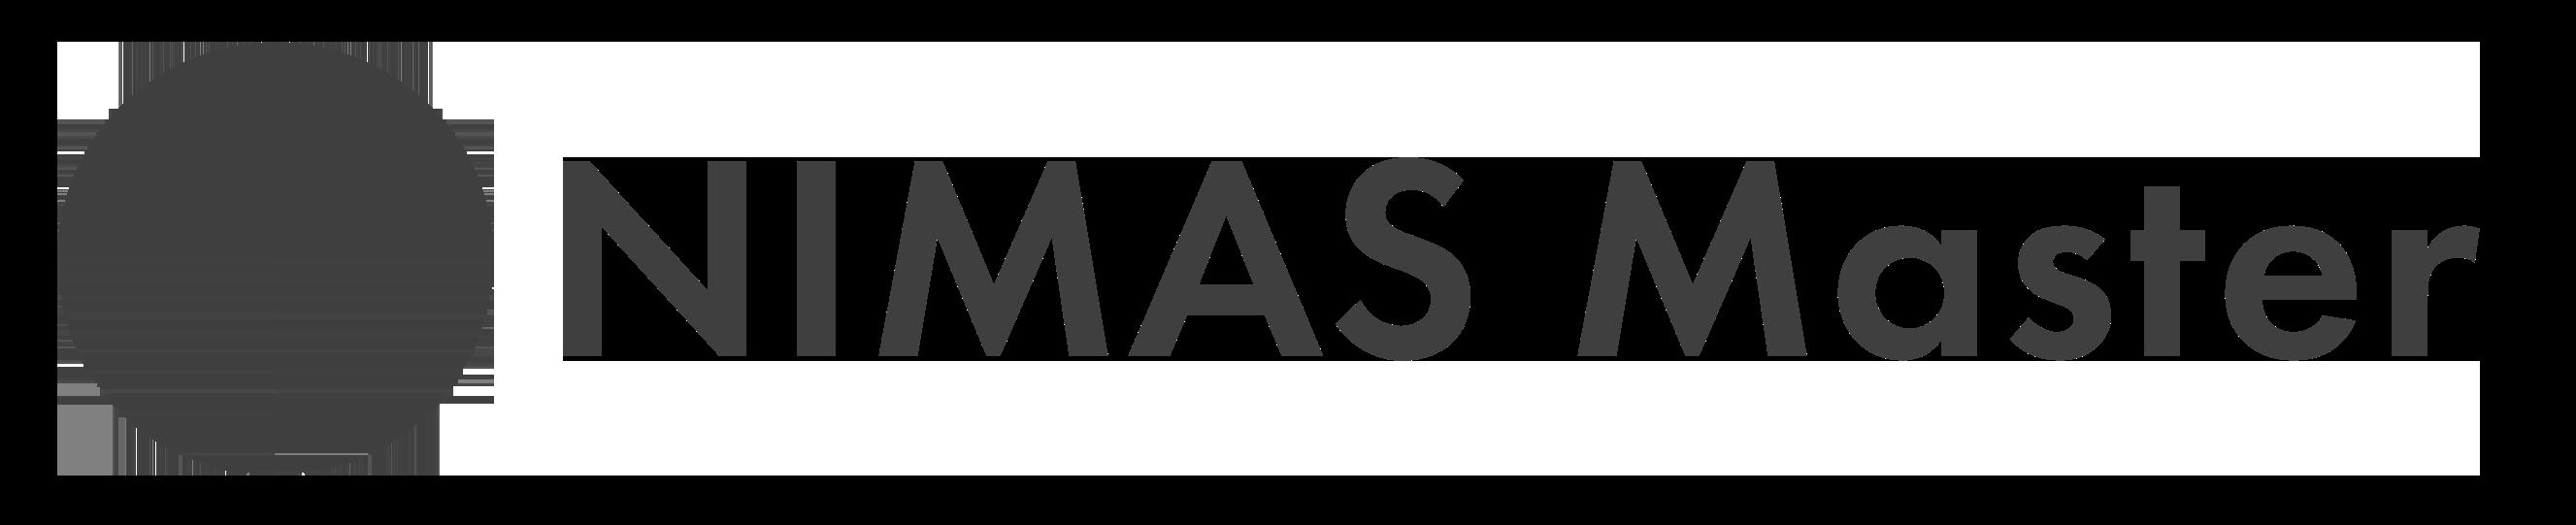 NIMAS Master Logo